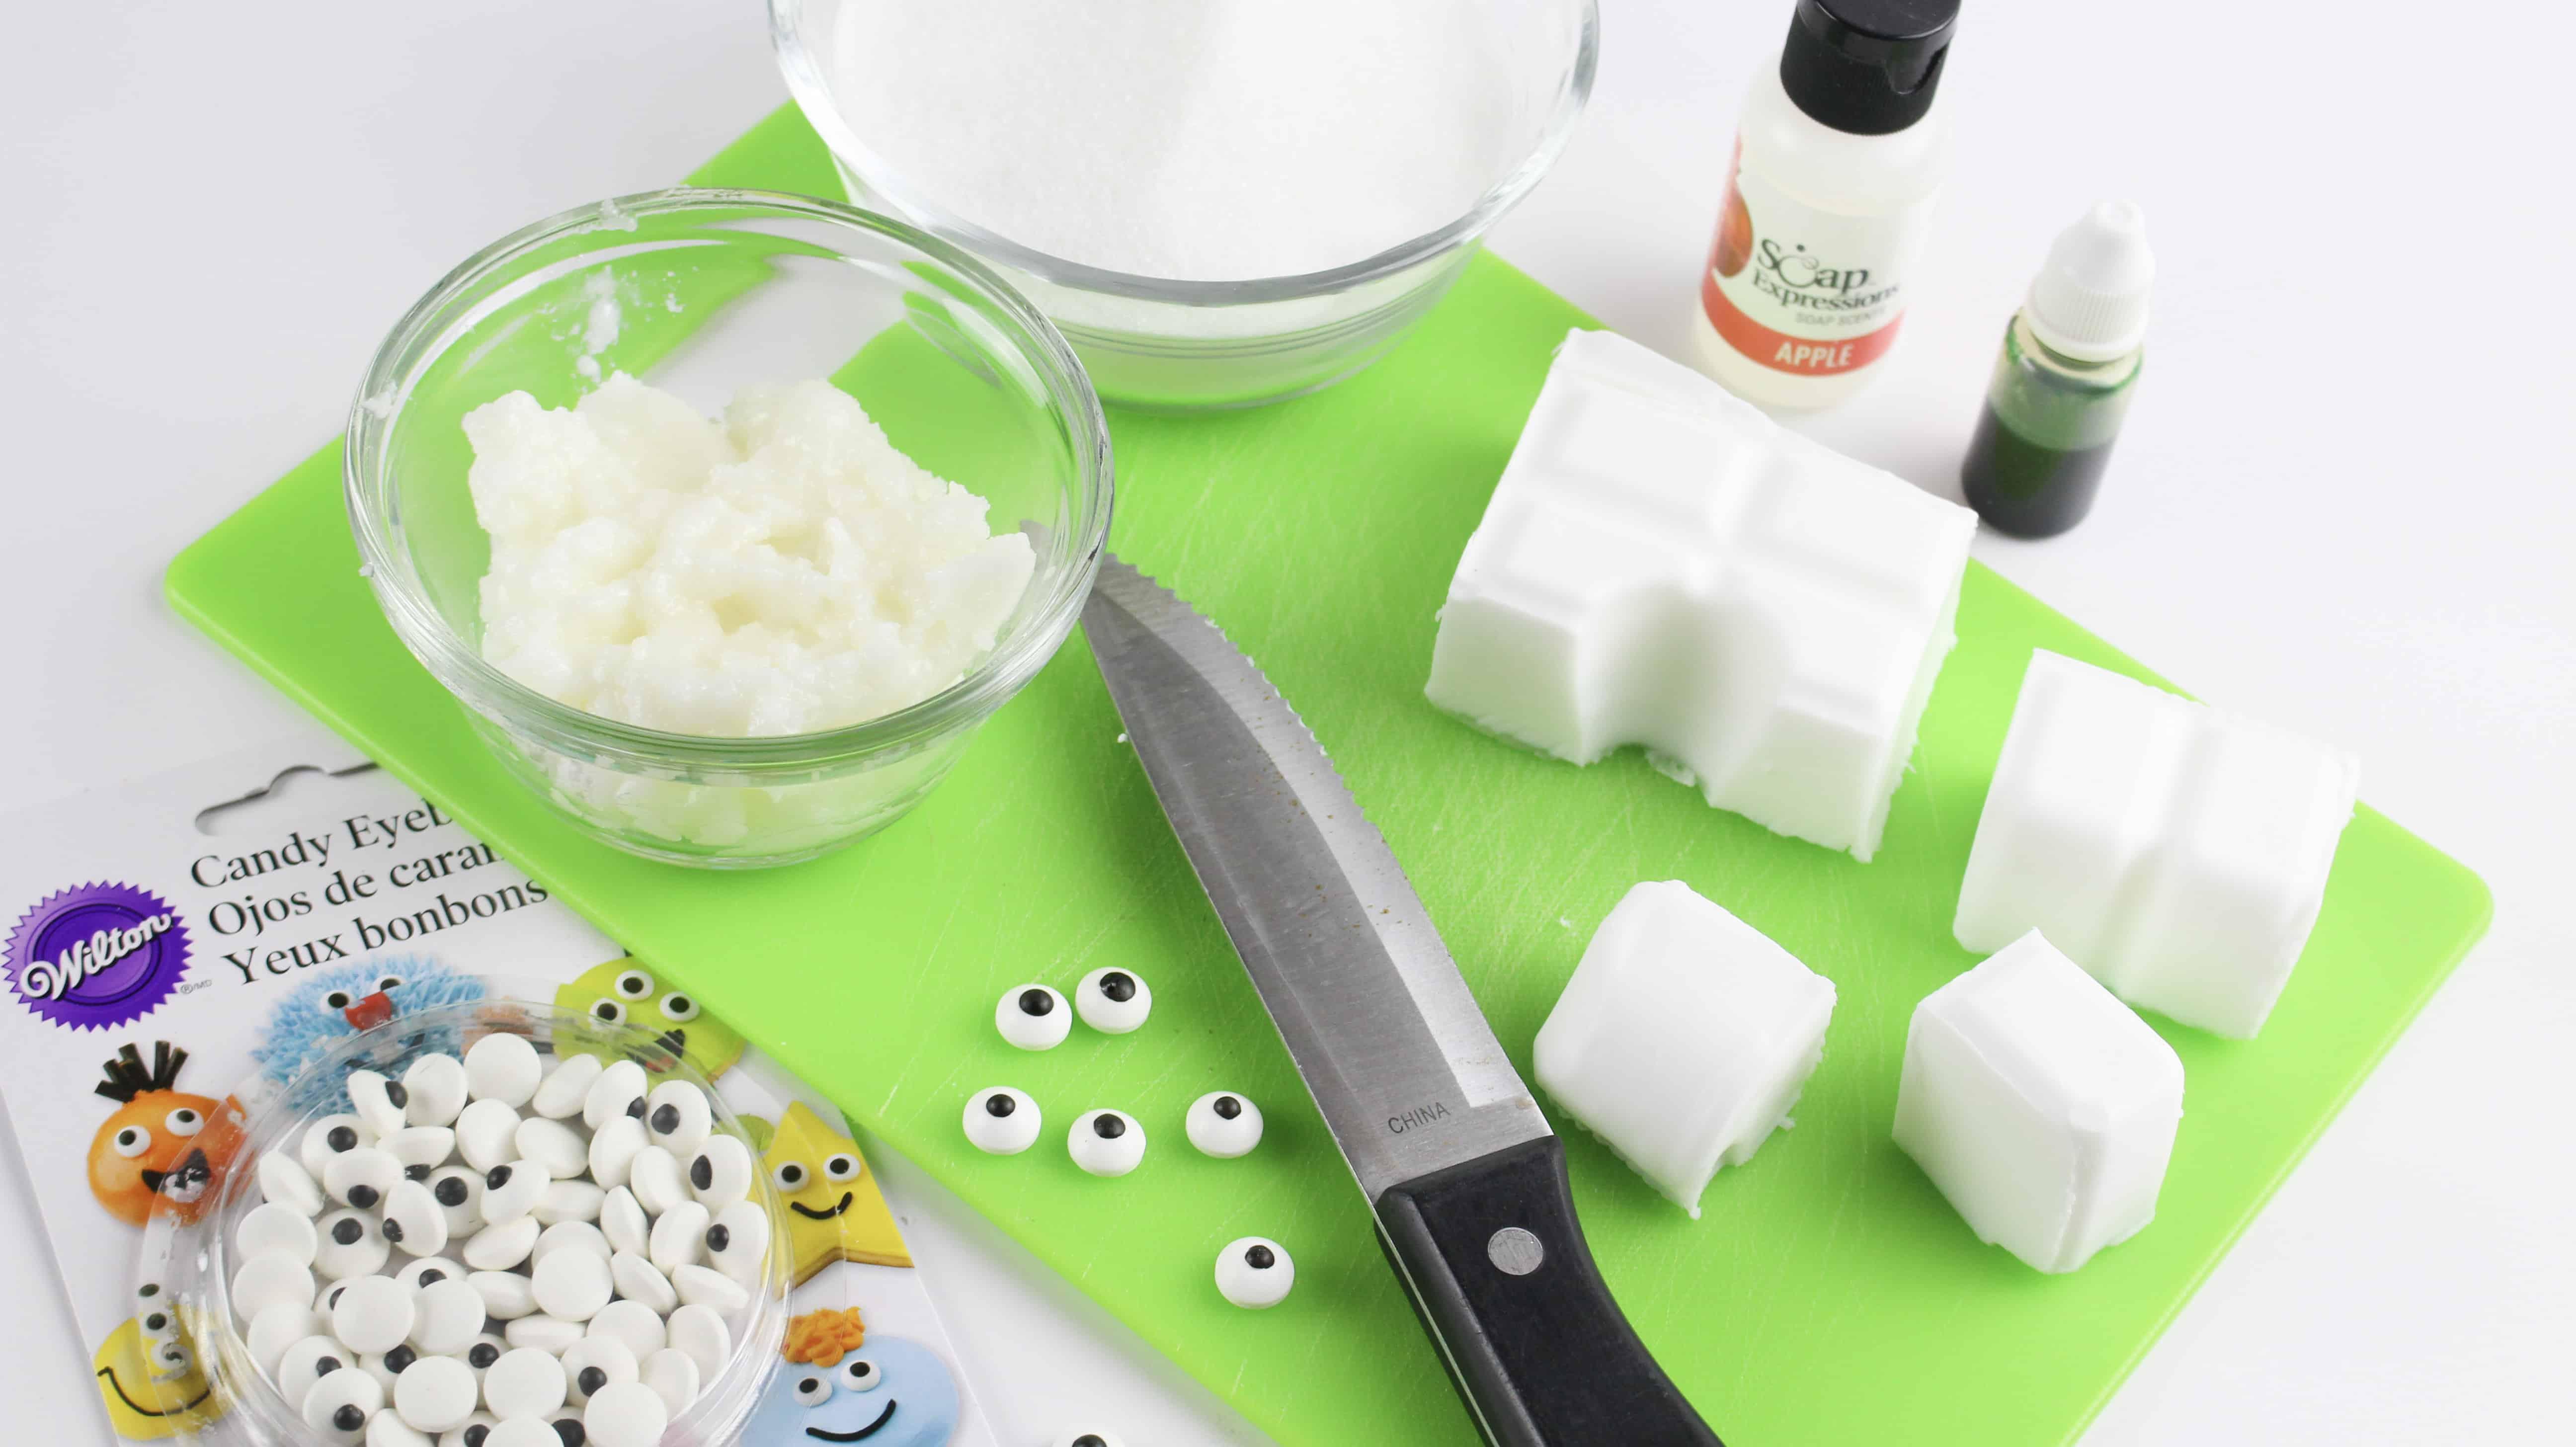 Chop Shea Butter